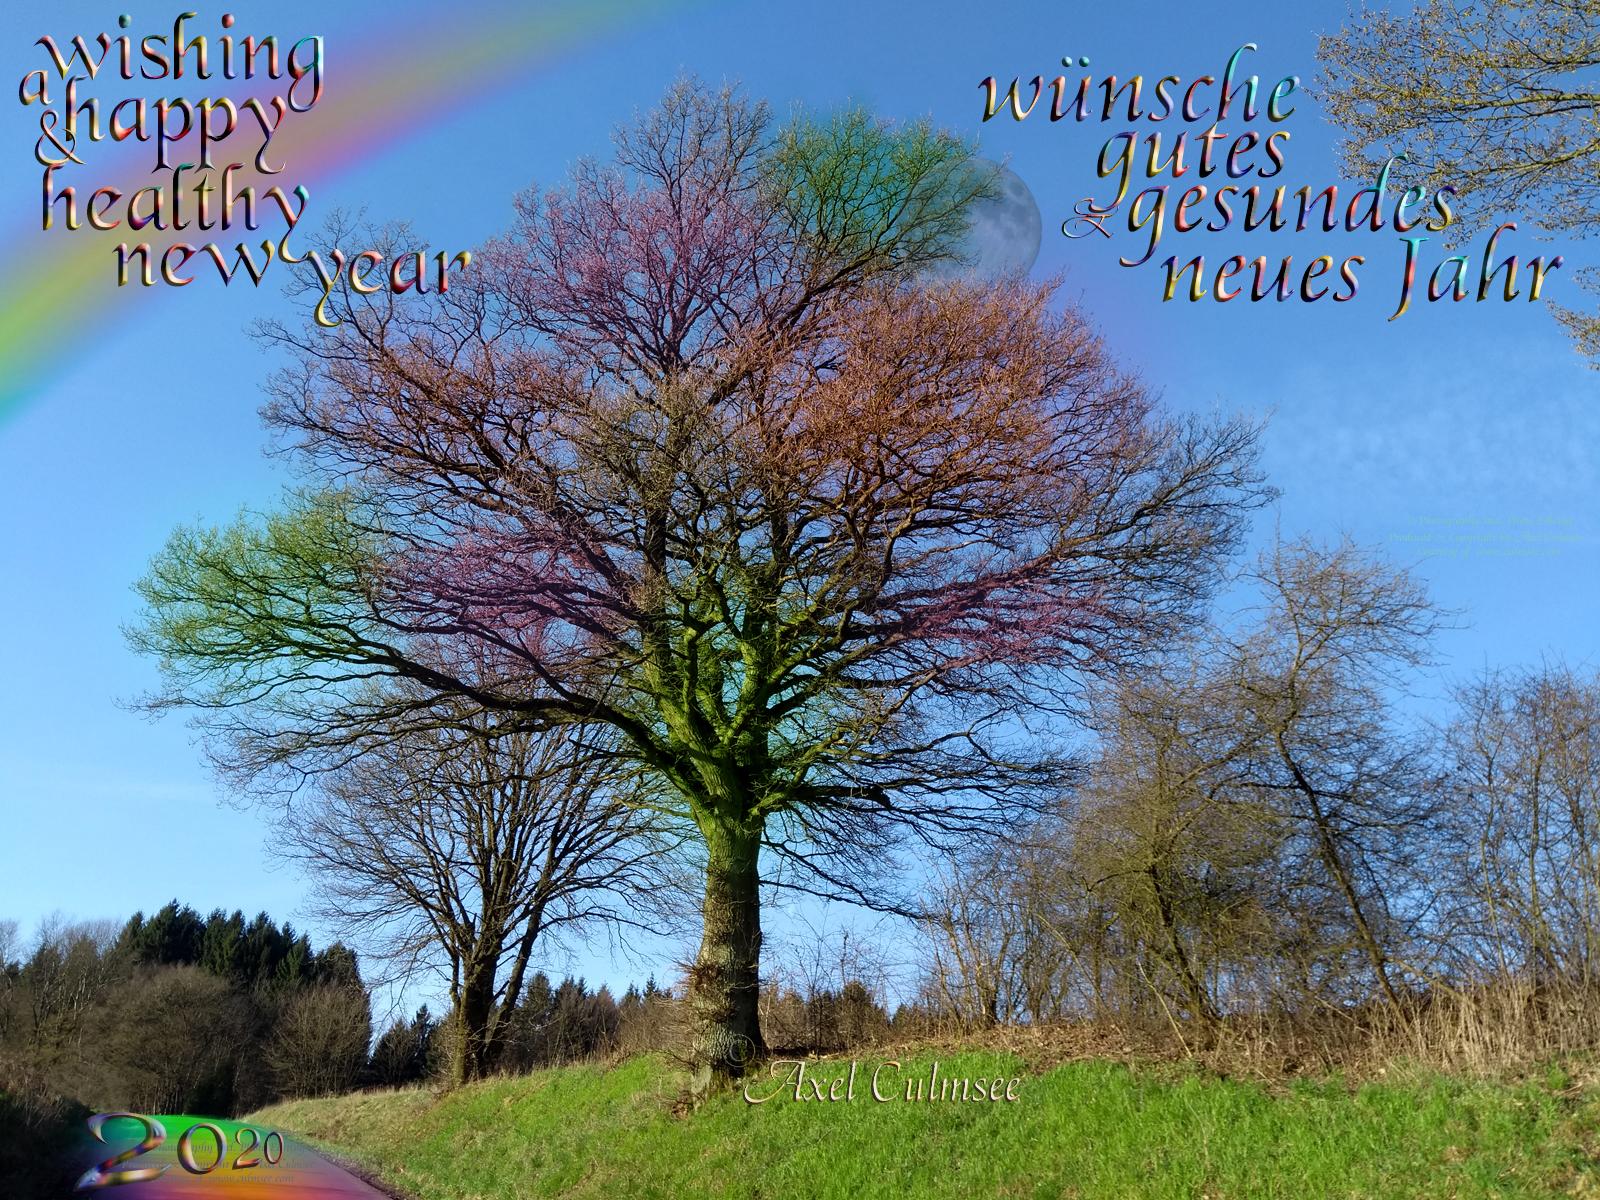 wishing a happy and healty new year 2020 - wuensche gutes und gesundes neues Jahr 2020